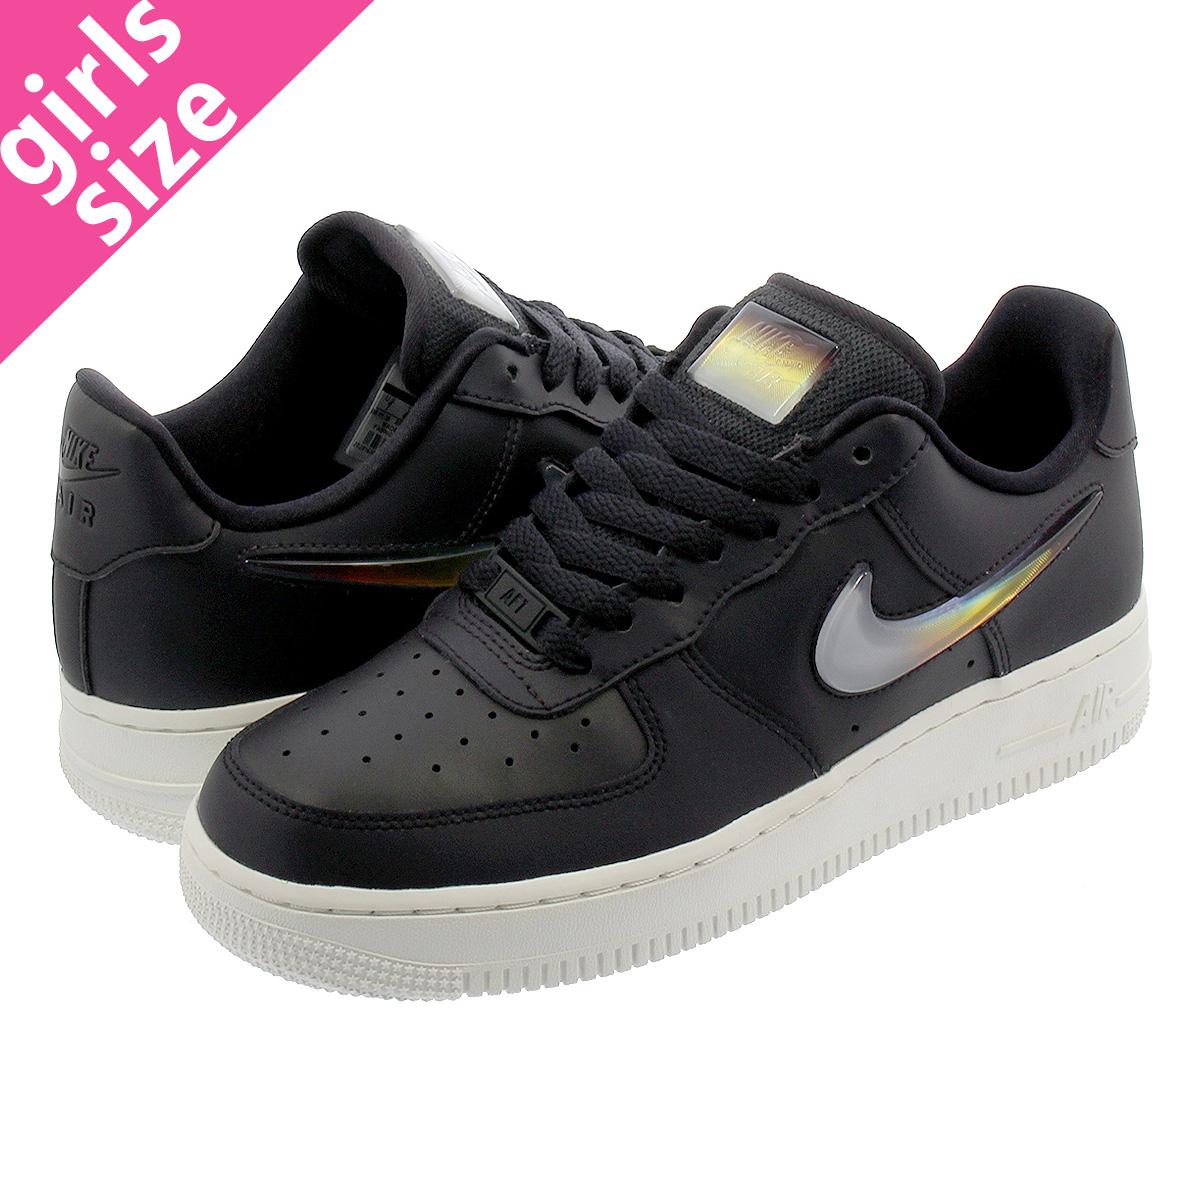 online retailer f24c6 7c888 NIKE WMNS AIR FORCE 1  07 SE PRM Nike women air force 1  07 SE PRM BLACK  BLACK ah6827-004